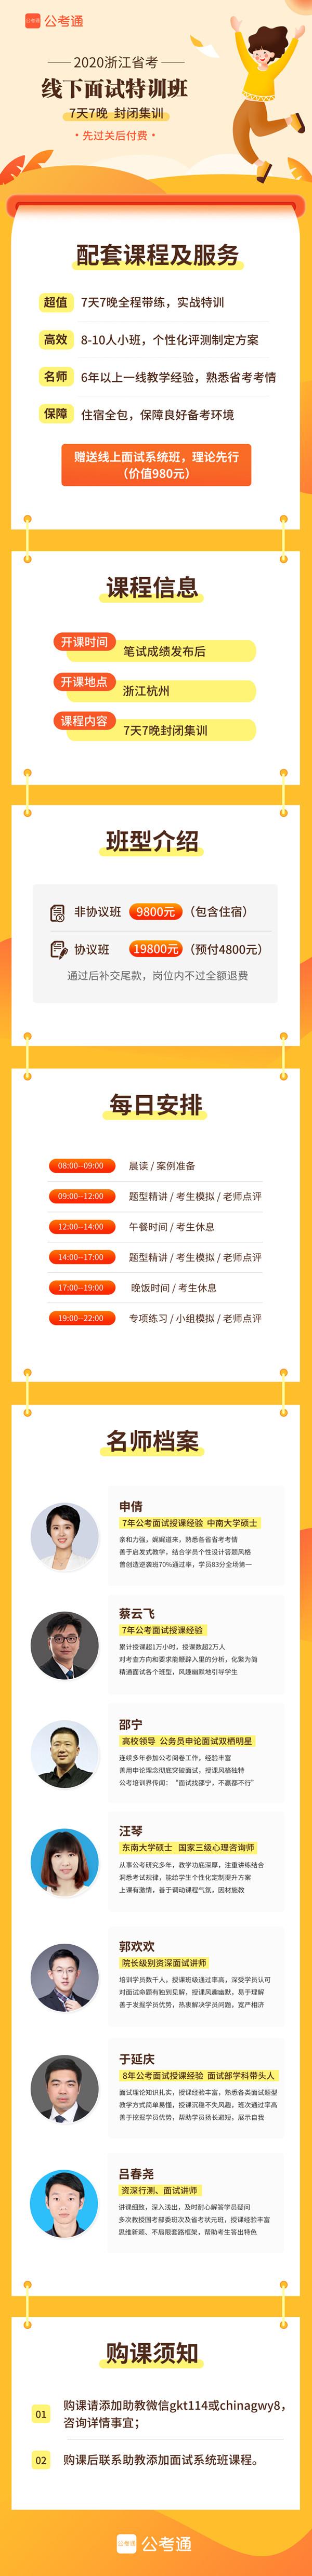 2020浙江省考面试什么时候开始准备比较好?